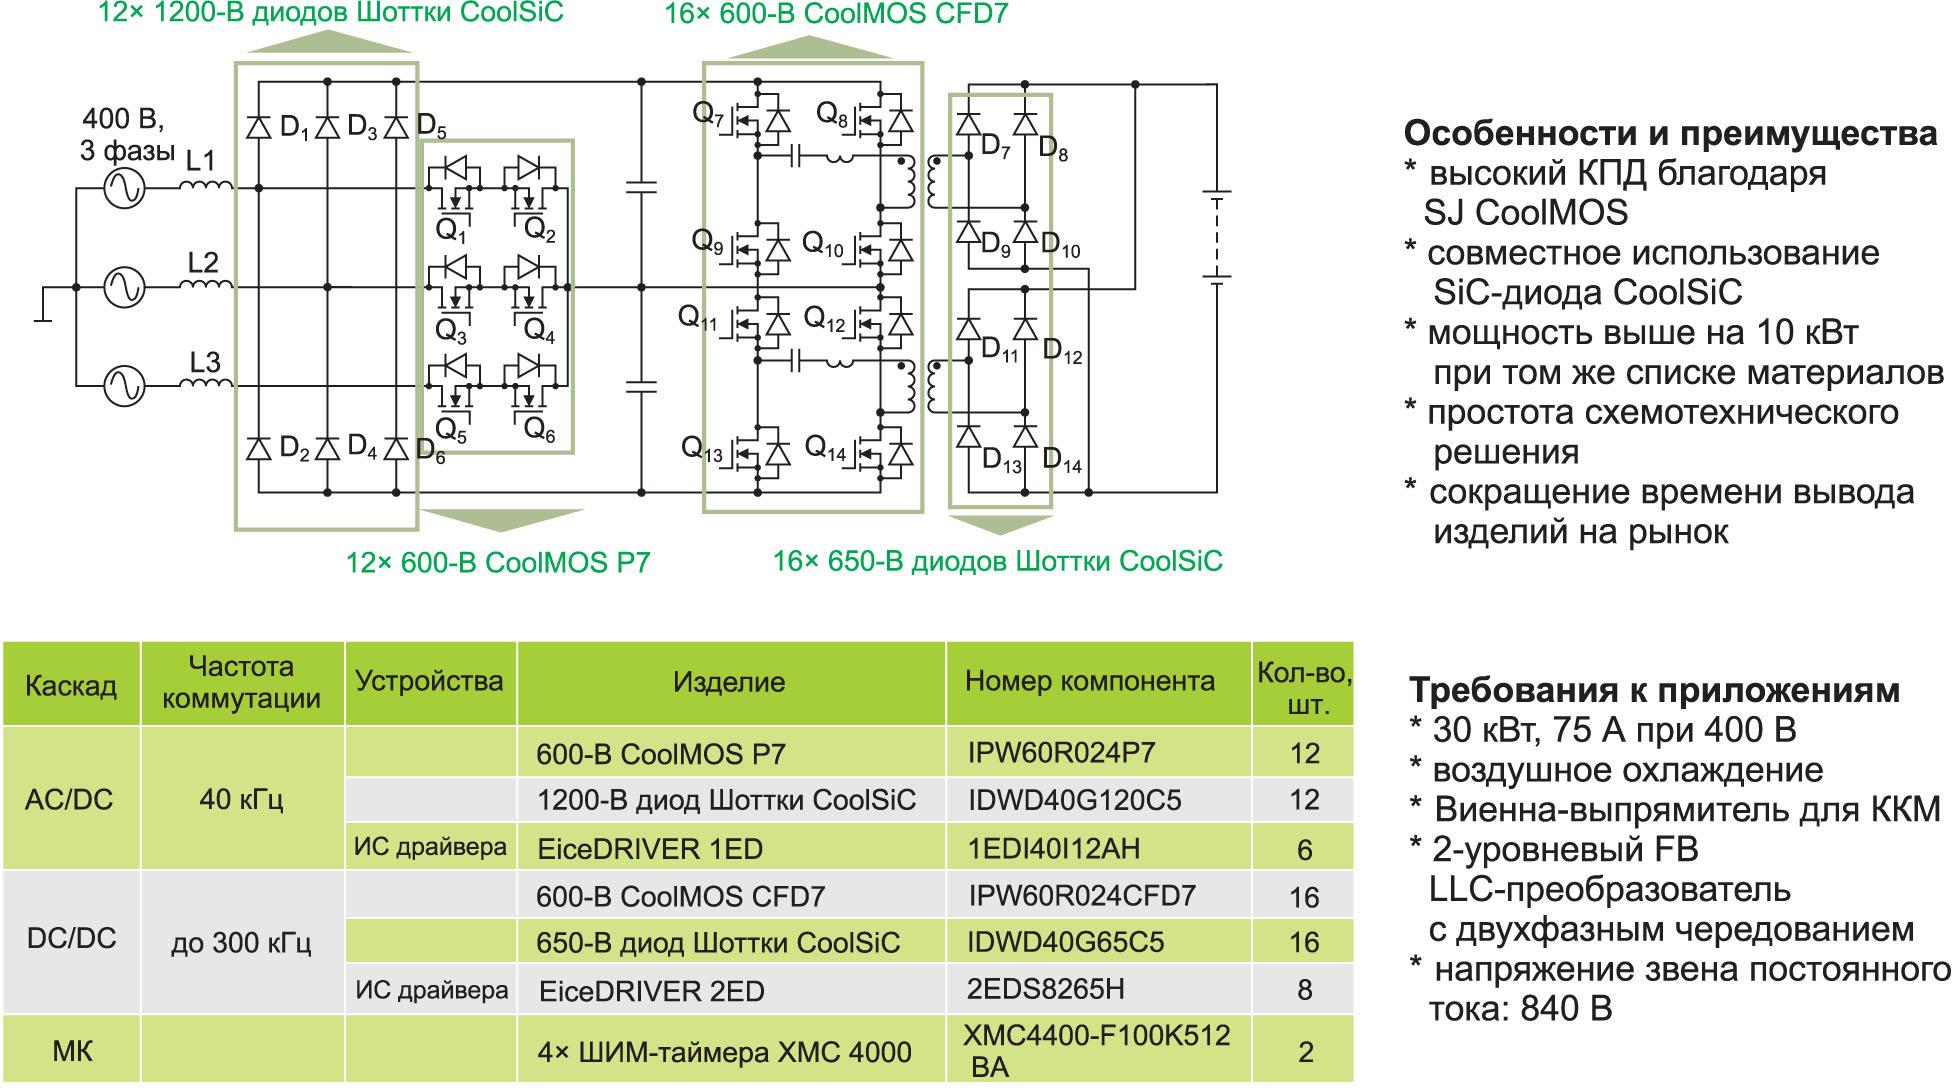 Предлагаемая схема 30-кВт субмодуля зарядного устройства